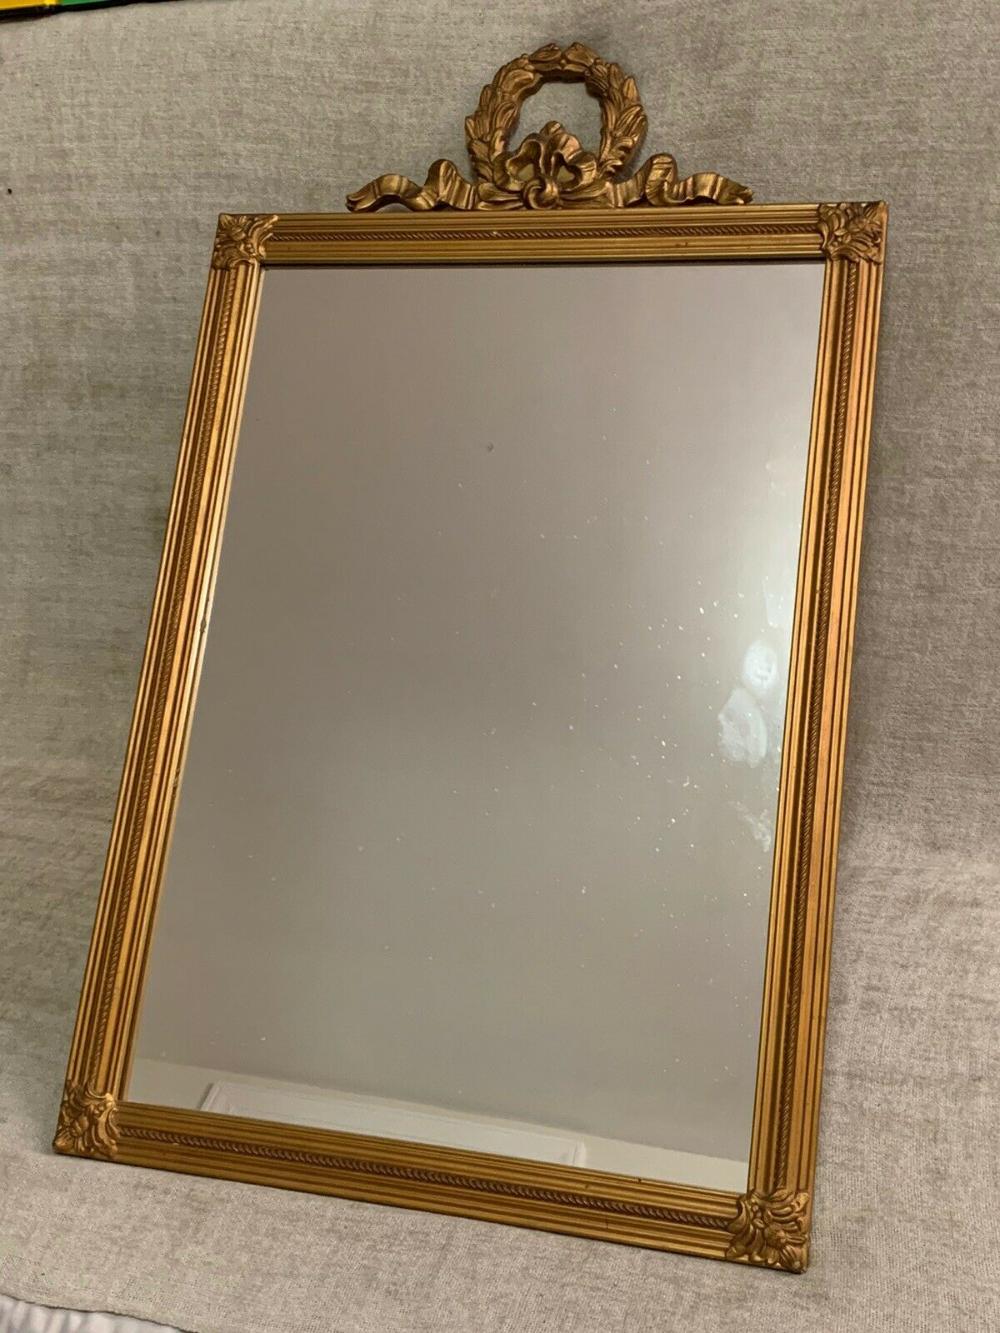 Antique Framed Mirror Gold Wood Ornate Large 34 Tall 21 Wide Vintage Chic Ebay Antique Frames Gold Wood Mirror Frames